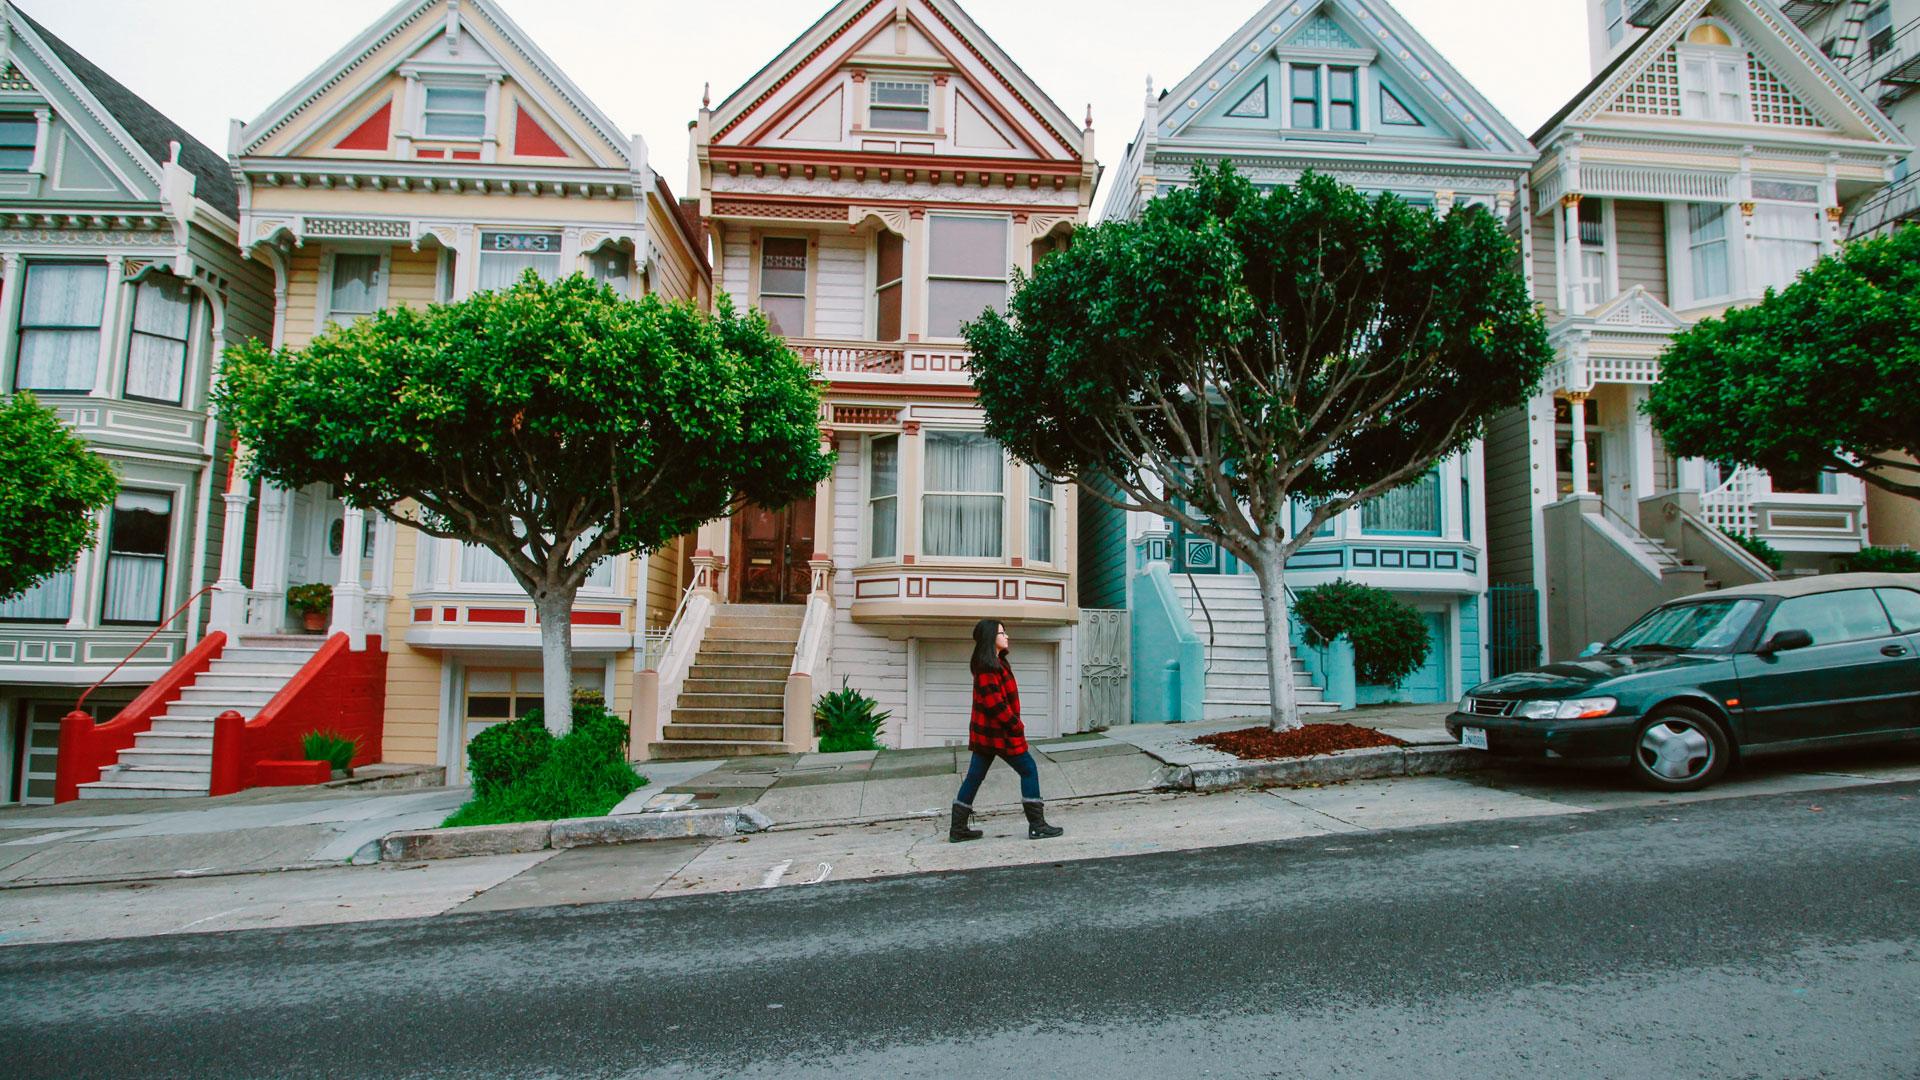 Imagen de la ciudad de San Francisco en Estados Unidos